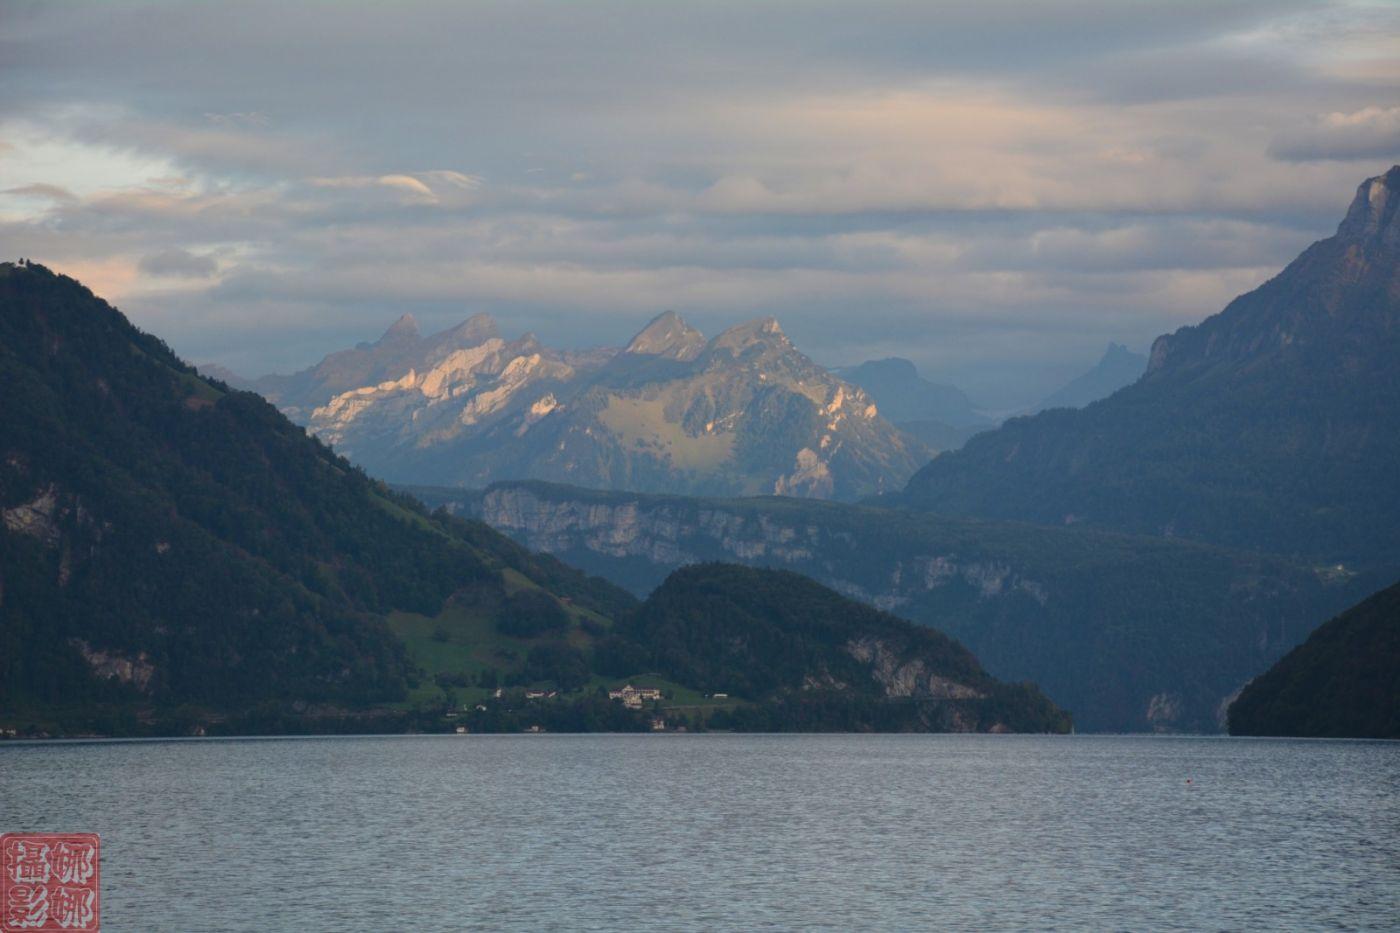 瑞士卢塞恩湖畔风光(二)_图1-12